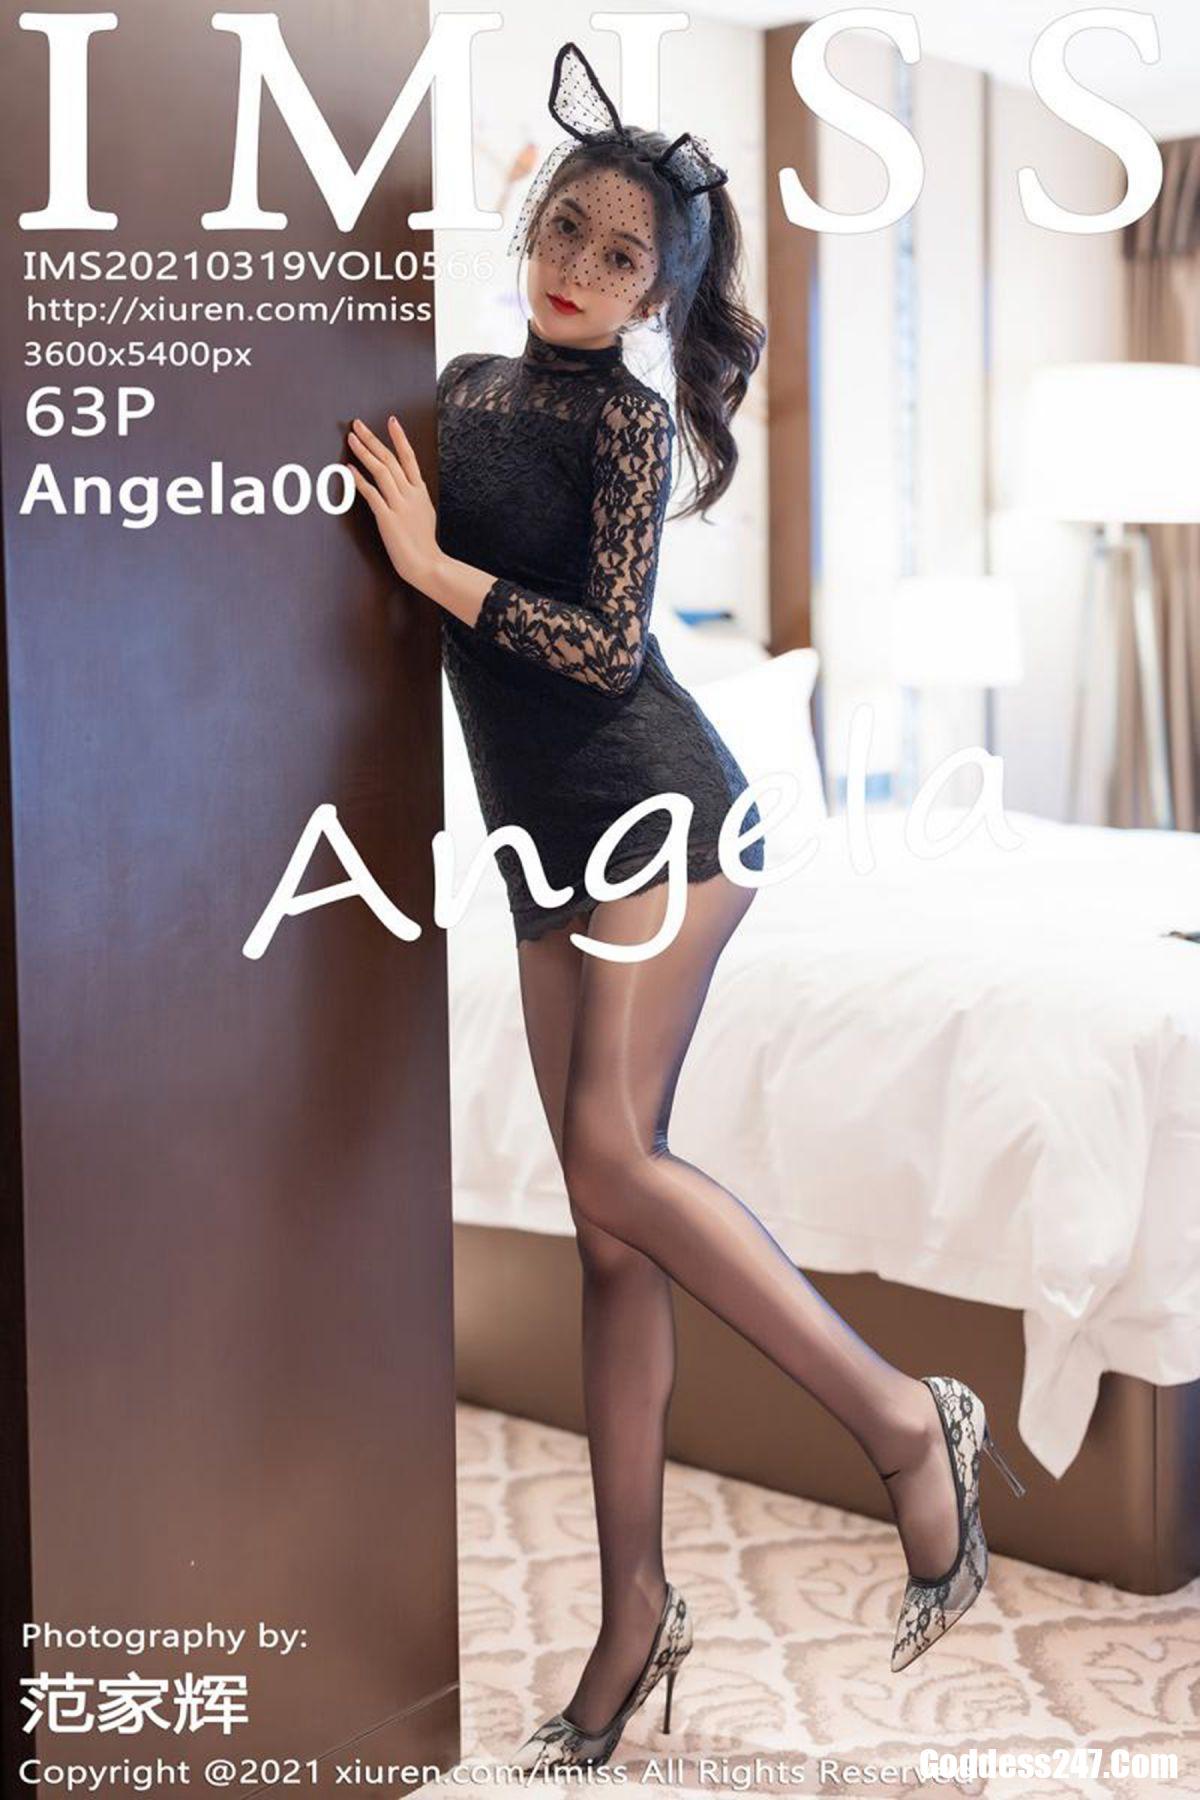 IMiss爱蜜社 Vol.566 Angela小热巴